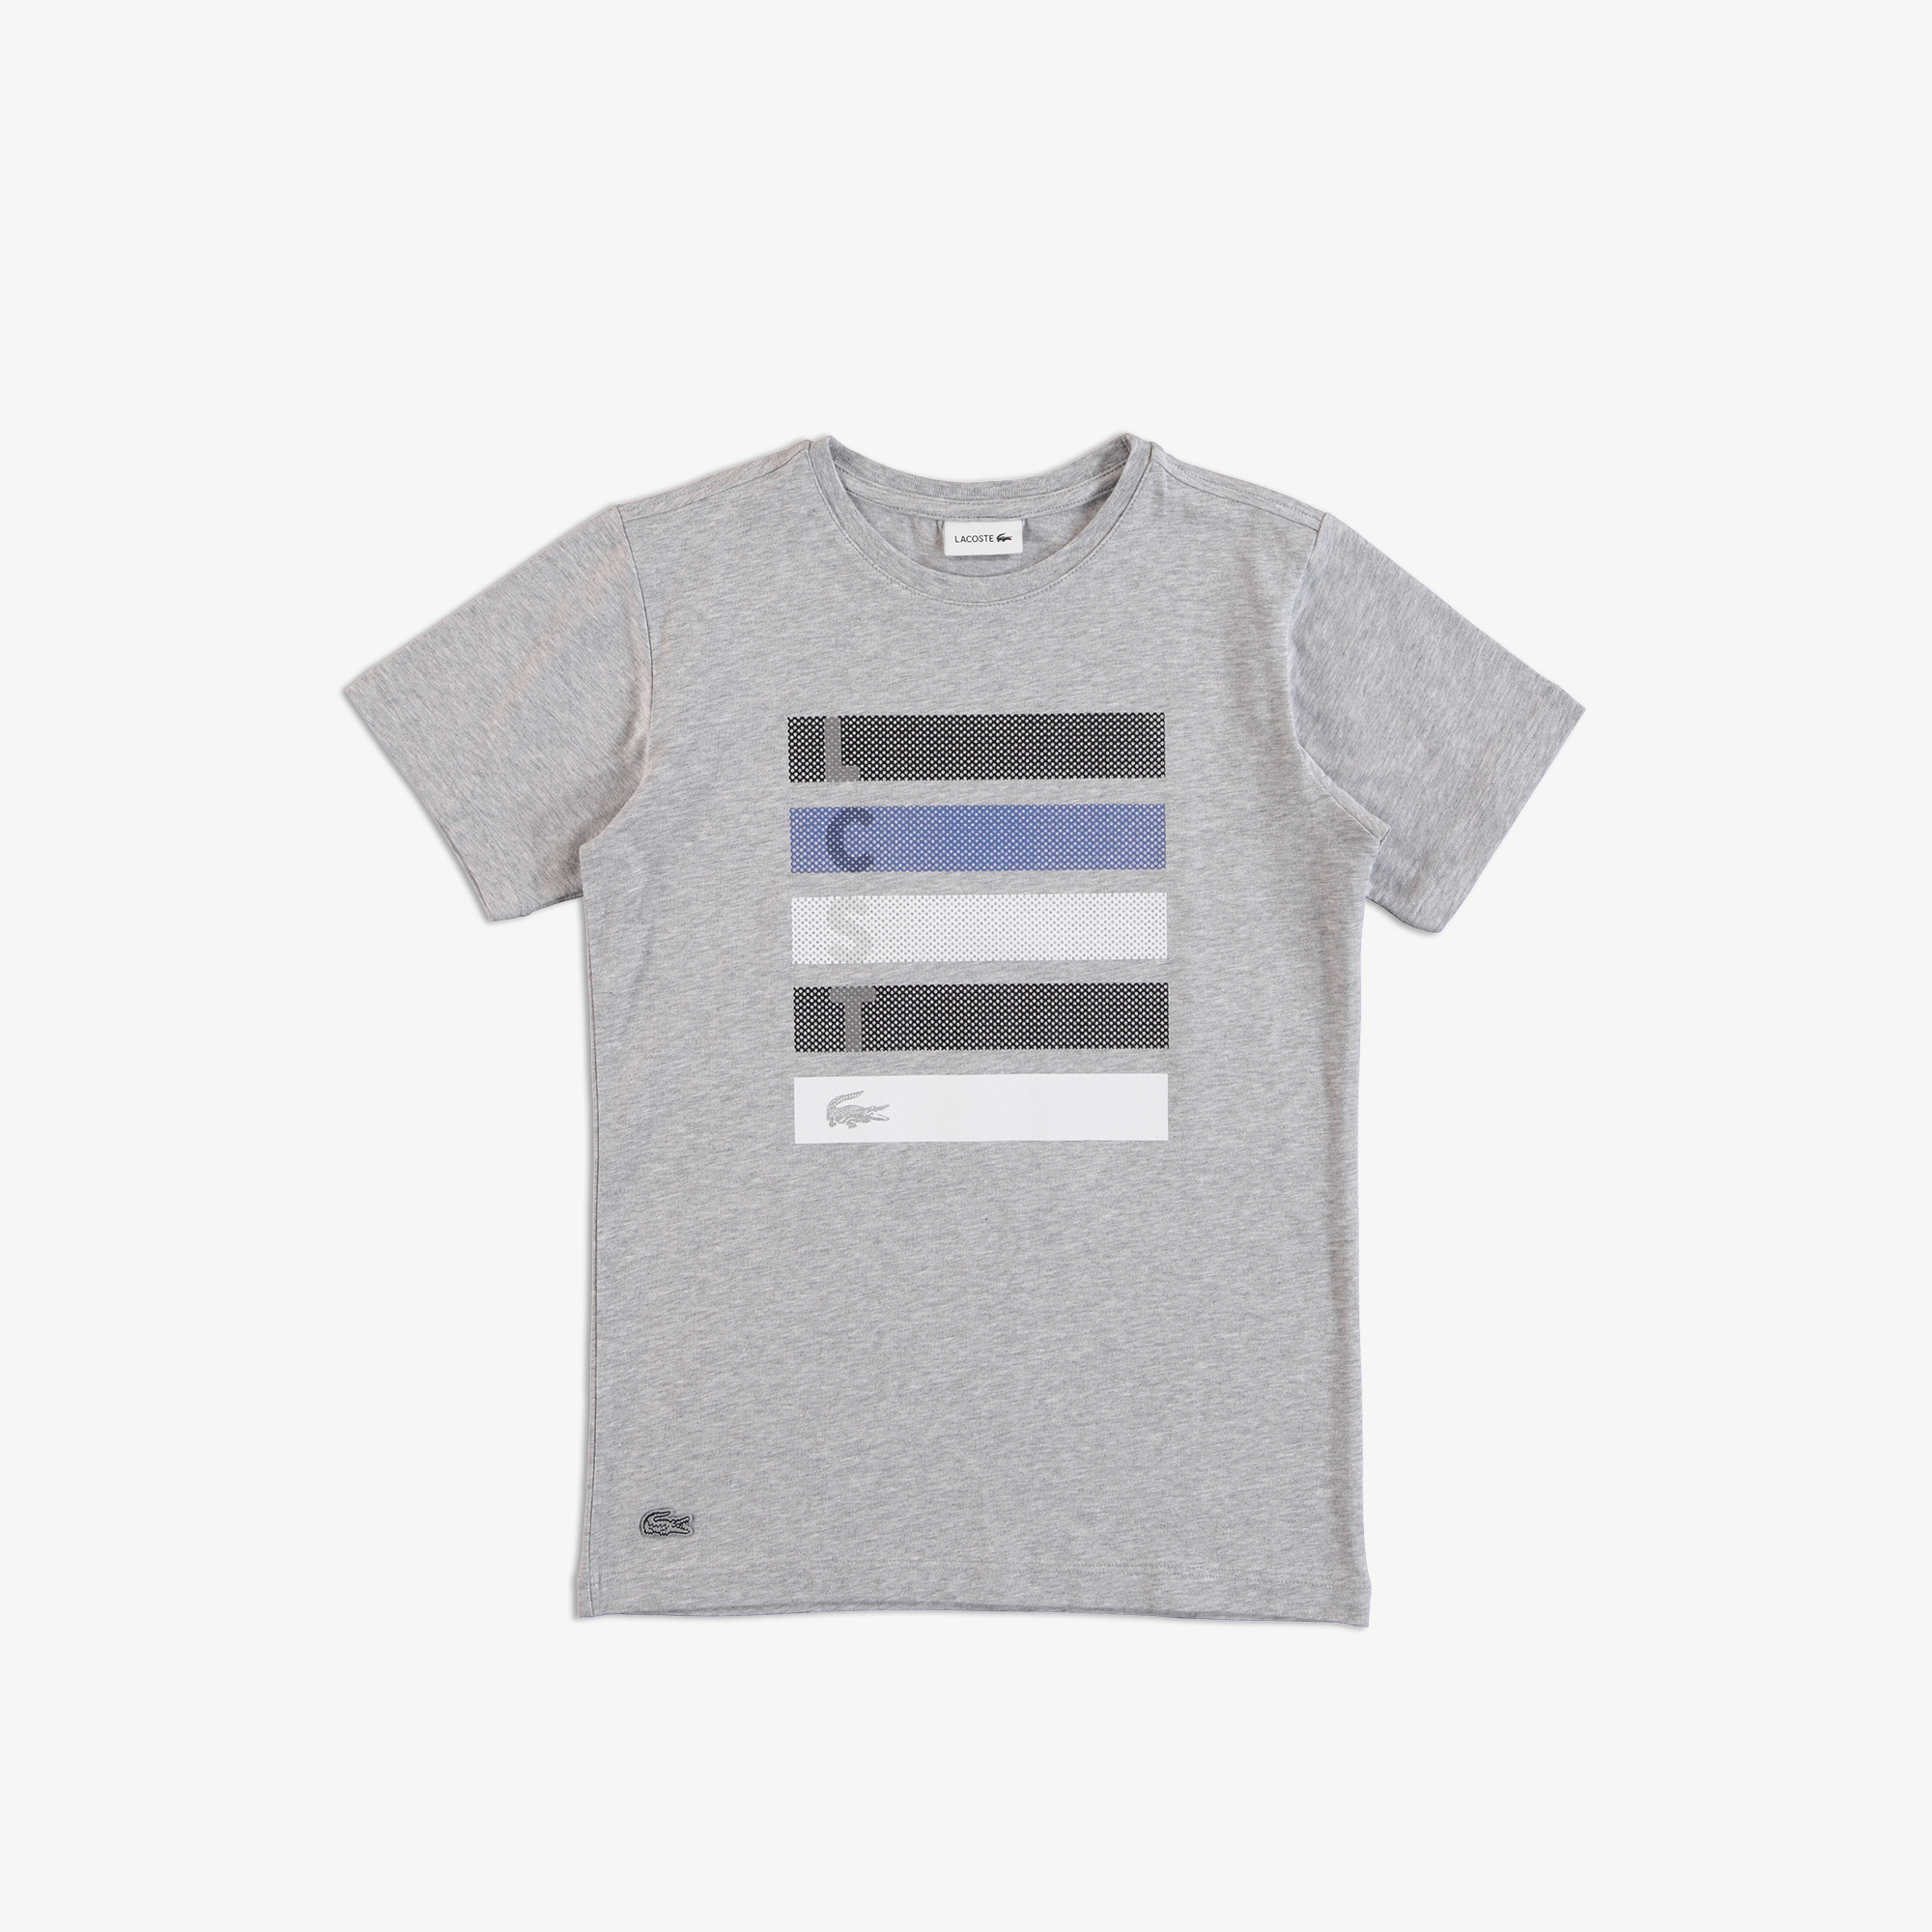 Lacoste футболка дитяча